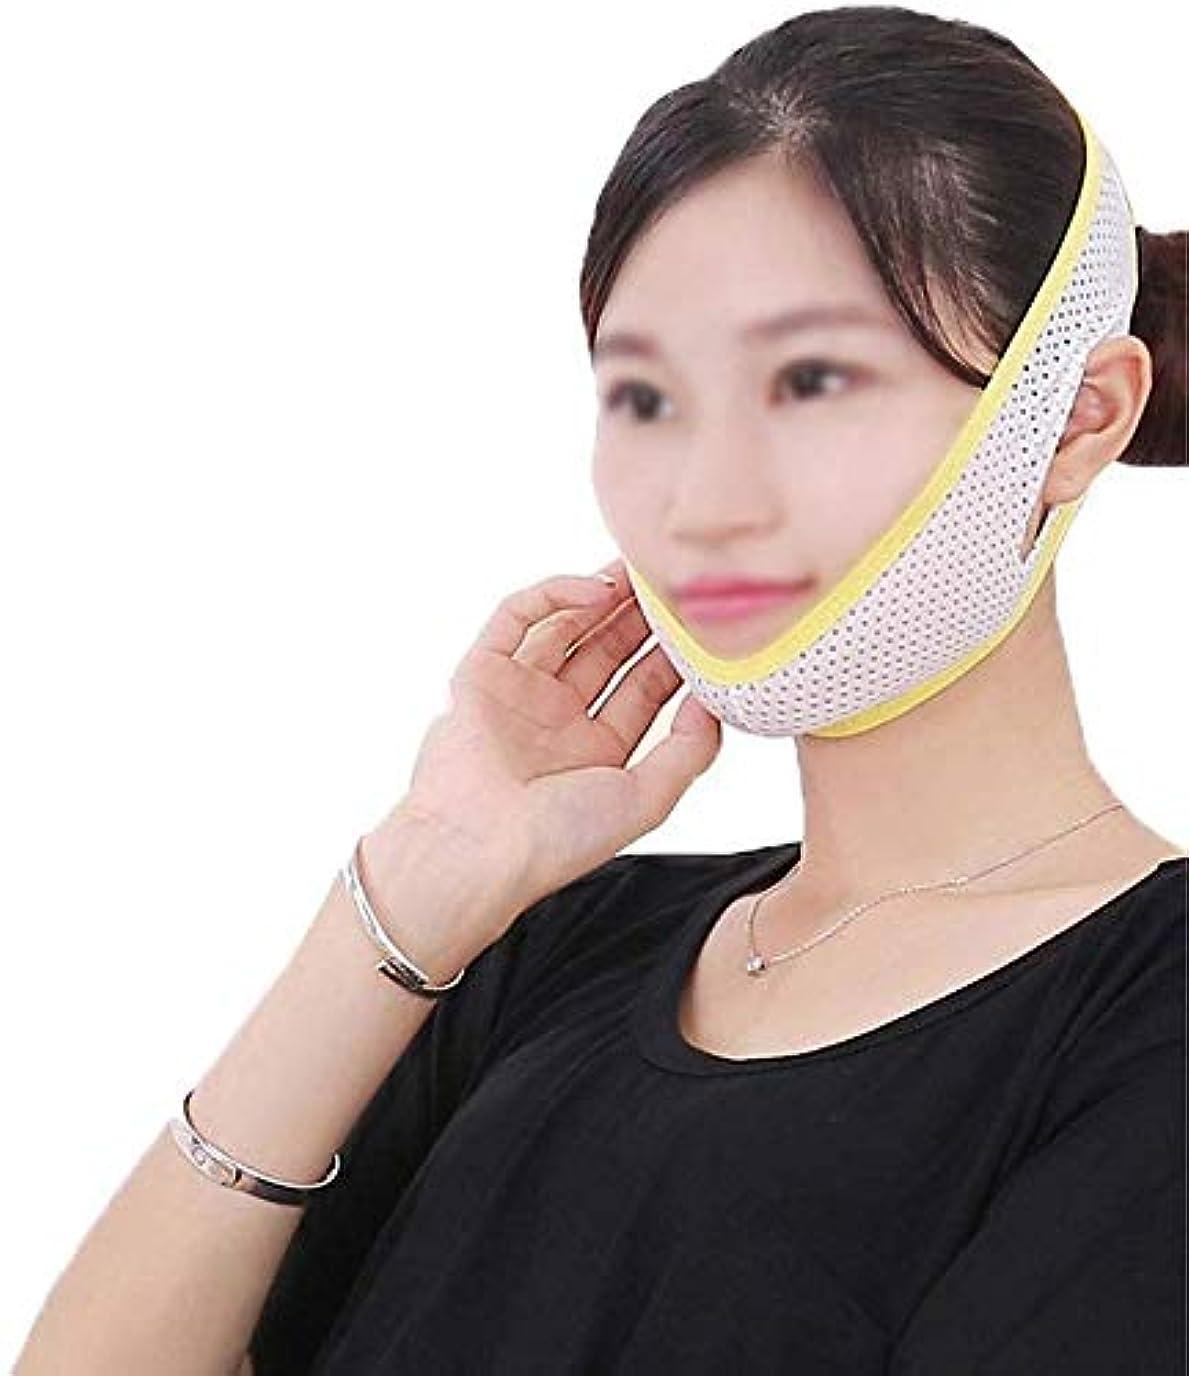 母音表向きシリンダー美しさと実用的な顔と首のリフト、フェイスリフトマスク強力なフェイスリフティングツール引き締めとリフトスキニーフェイスマスクアーティファクトフェイスリフティング包帯フェイスリフティングデバイス(サイズ:M)